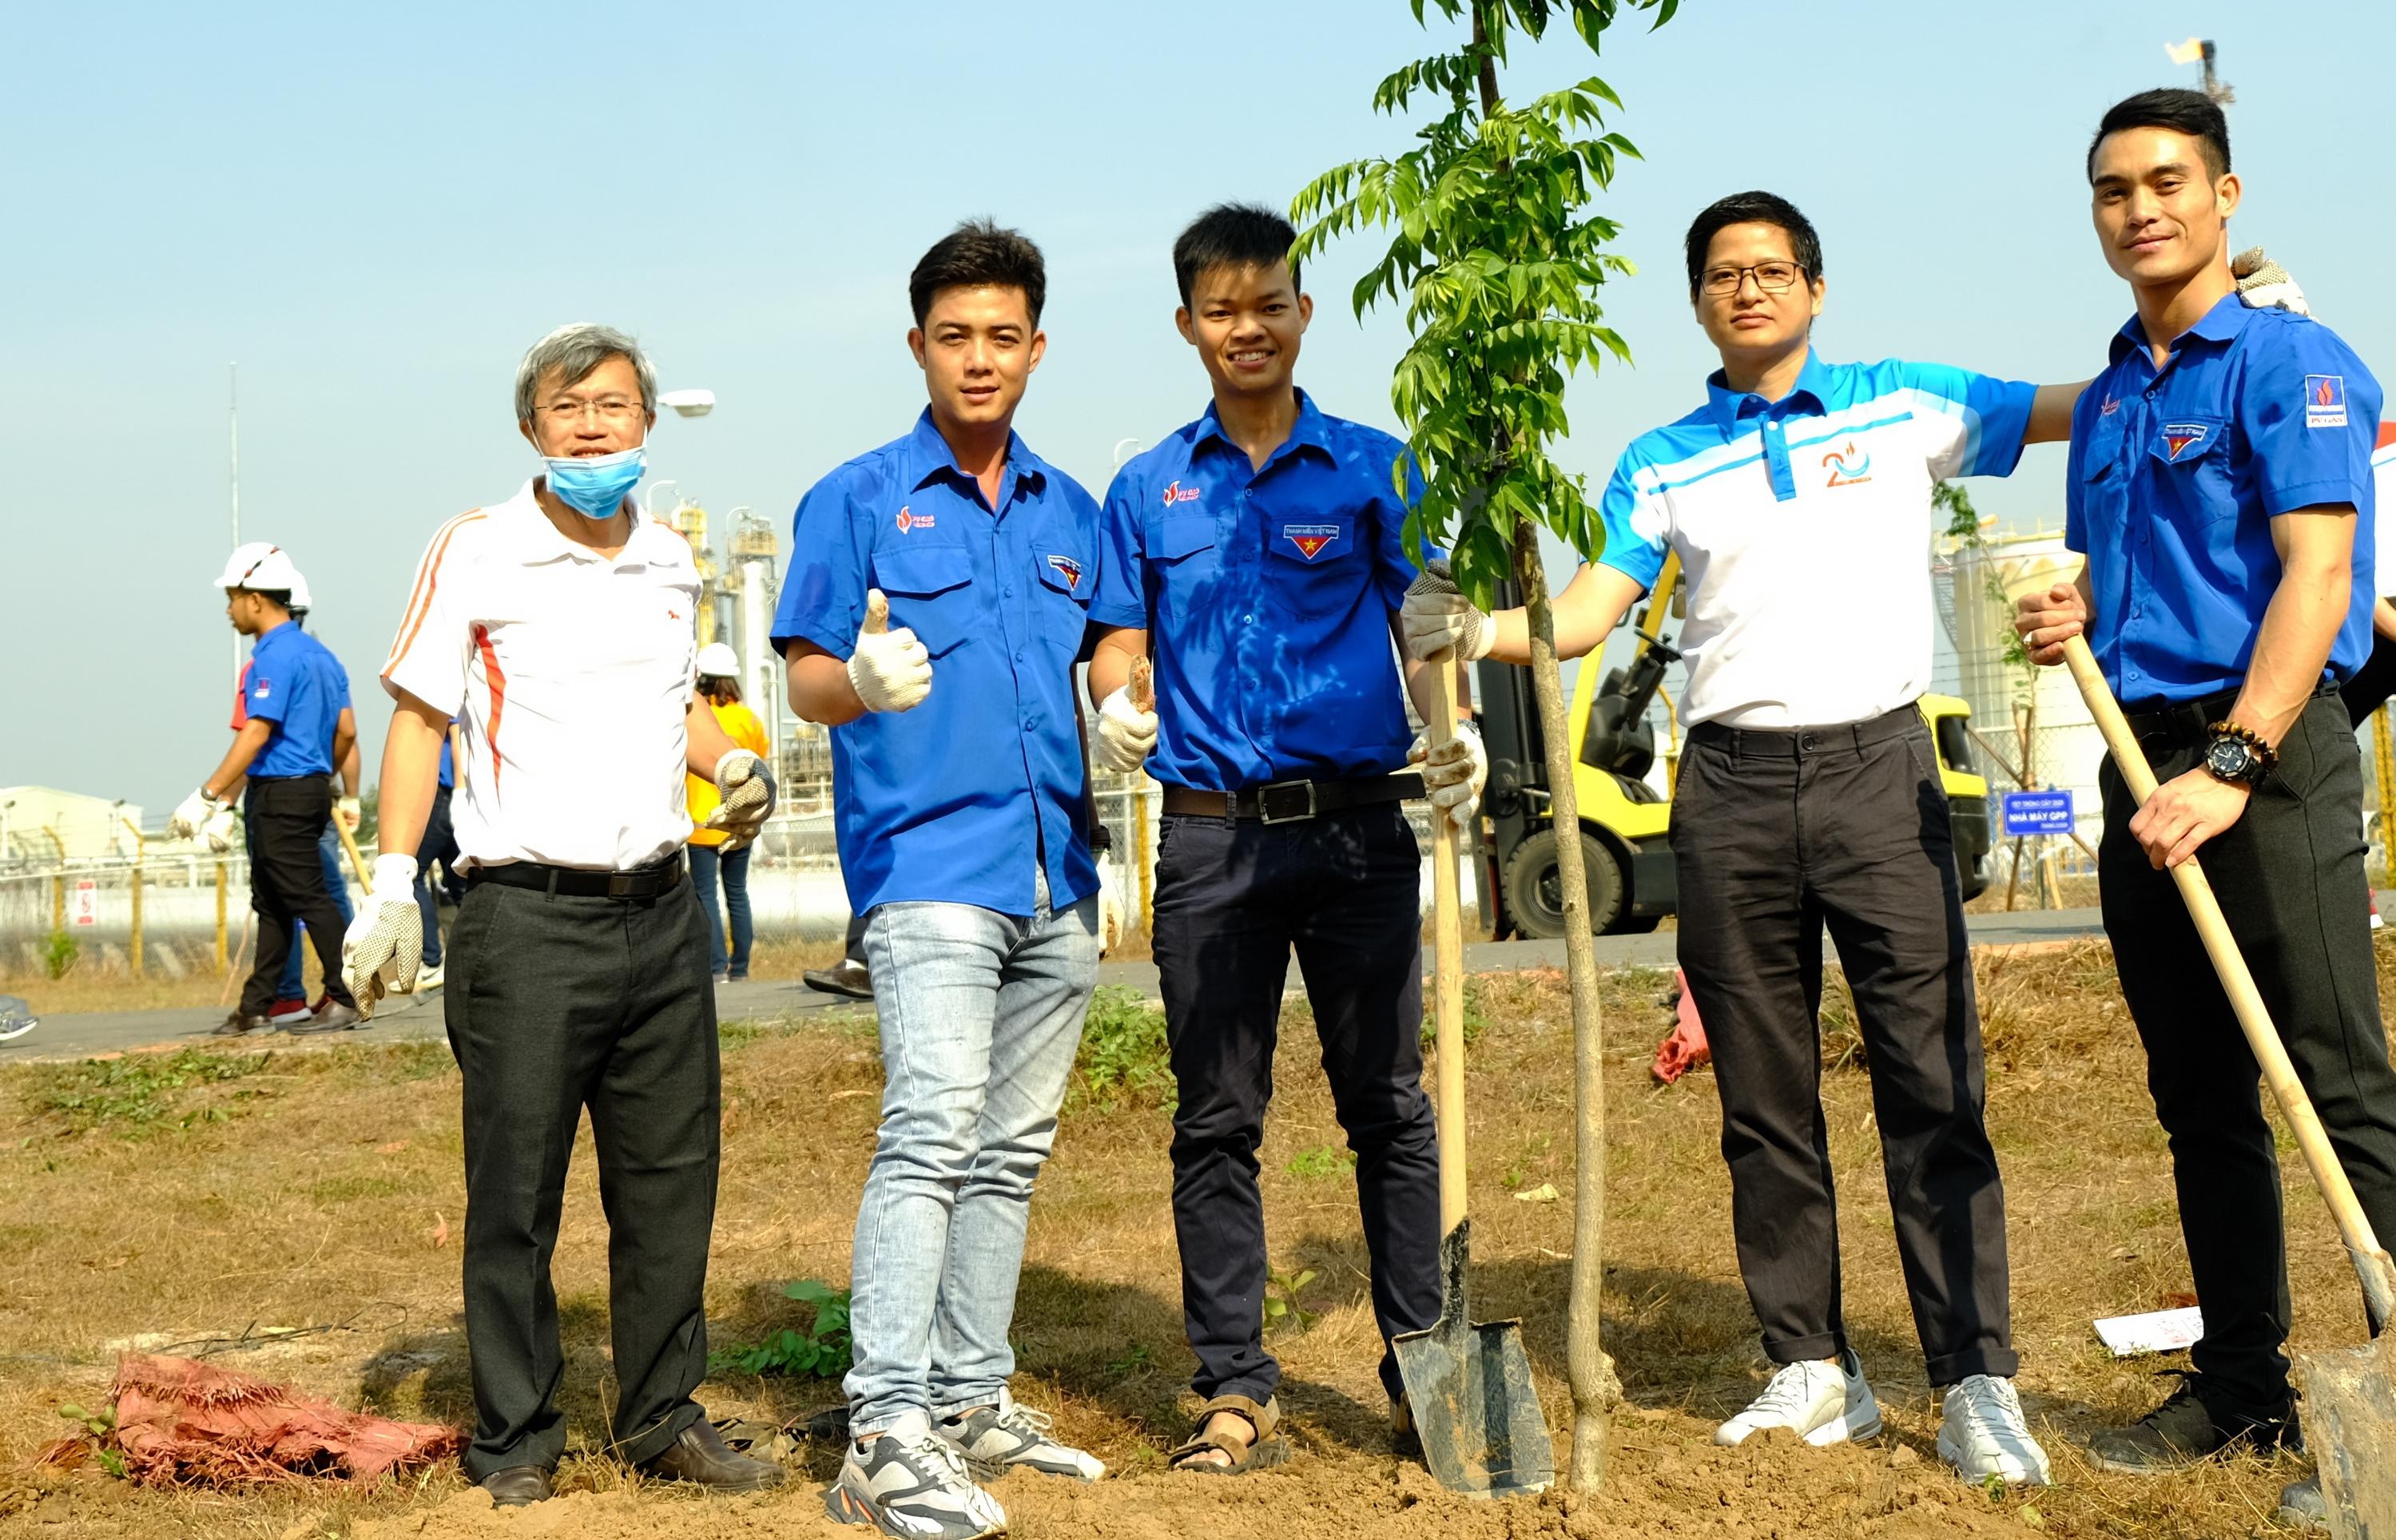 KVT tổ chức Tết trồng cây tại Nhà máy Chế biến Khí Dinh Cố